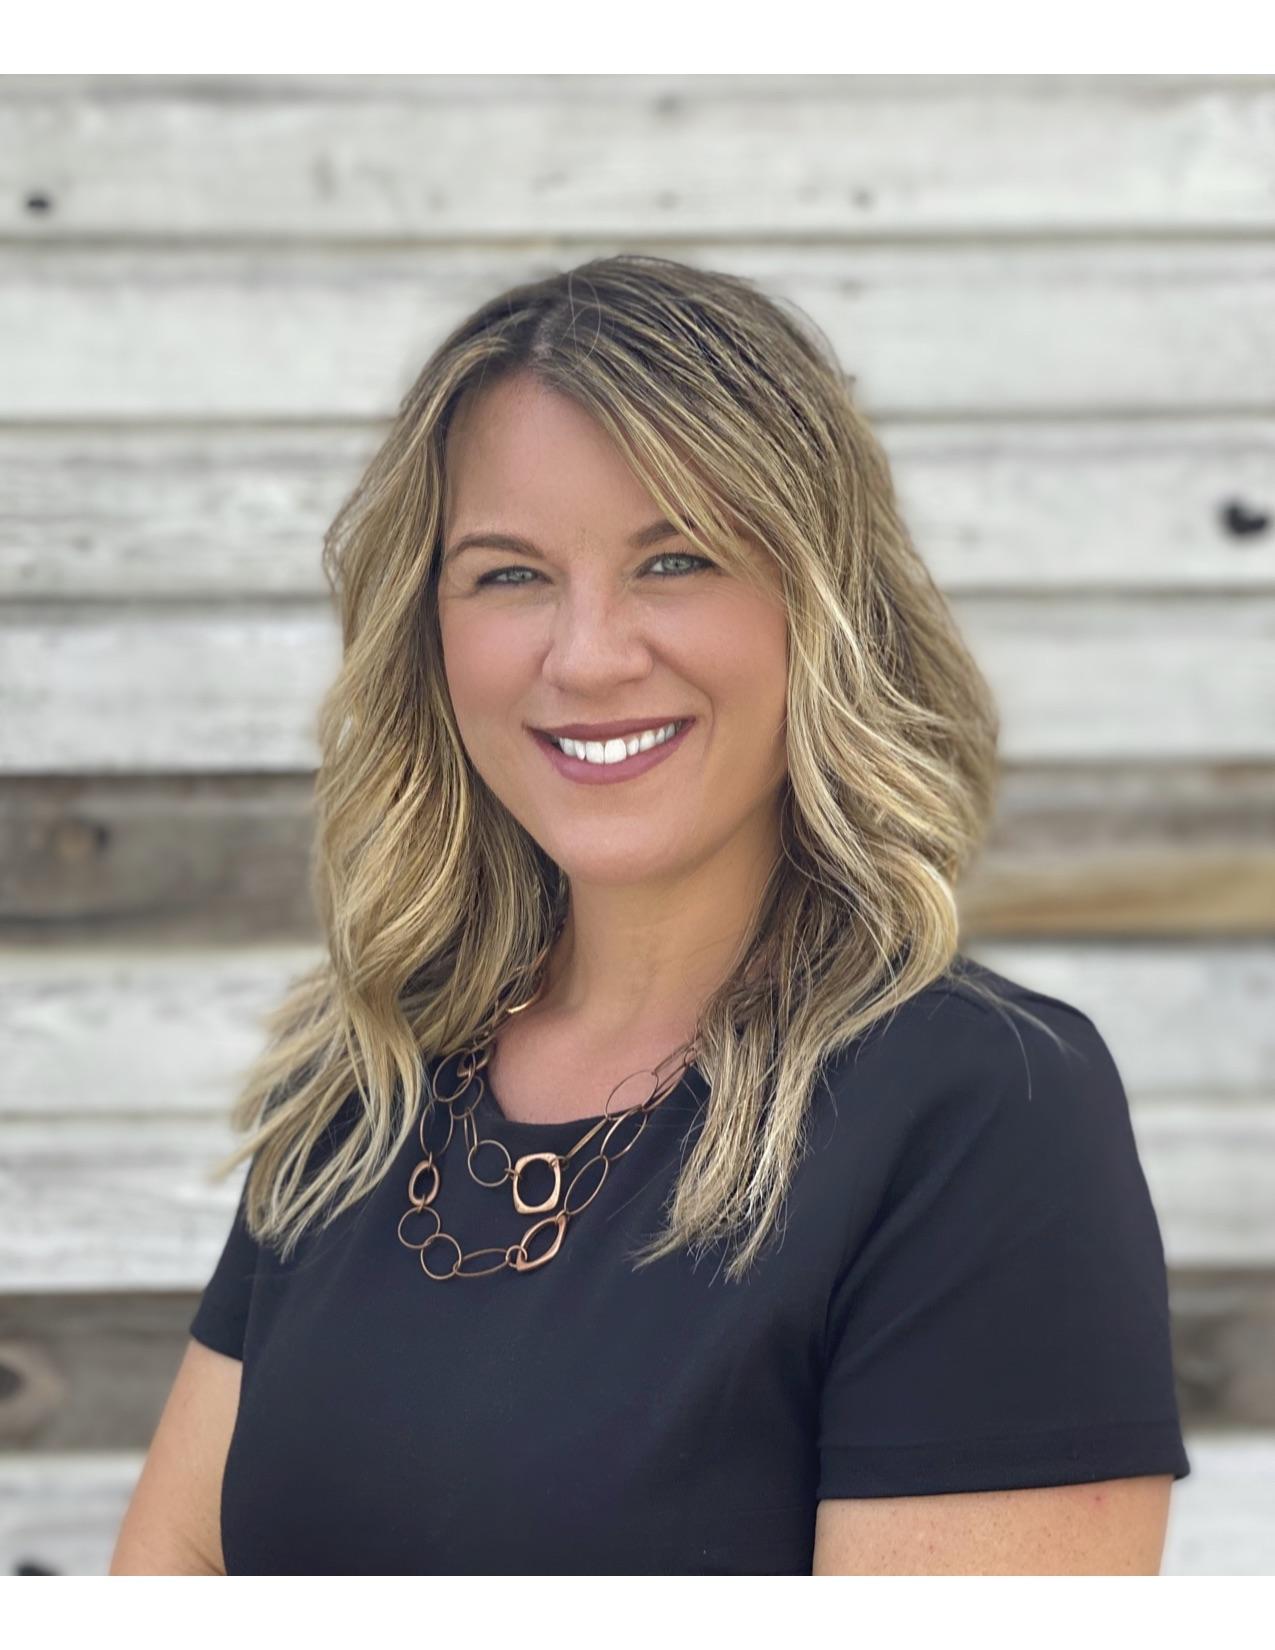 Carrie Frederickson